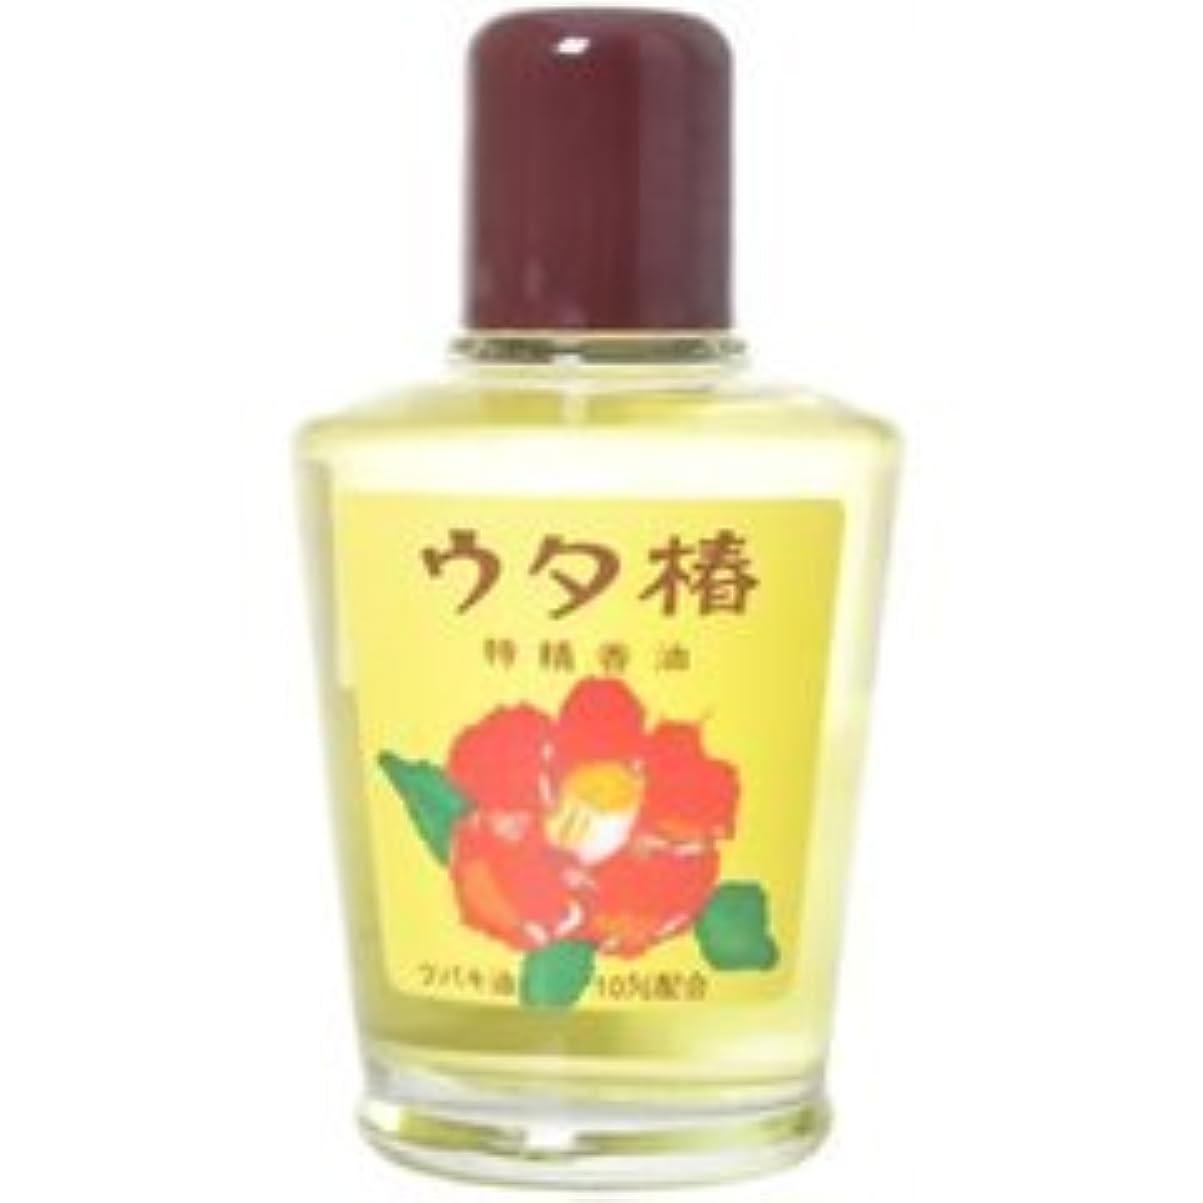 イライラする値する刺激する【黒ばら本舗】うた椿香油 黄 95ml